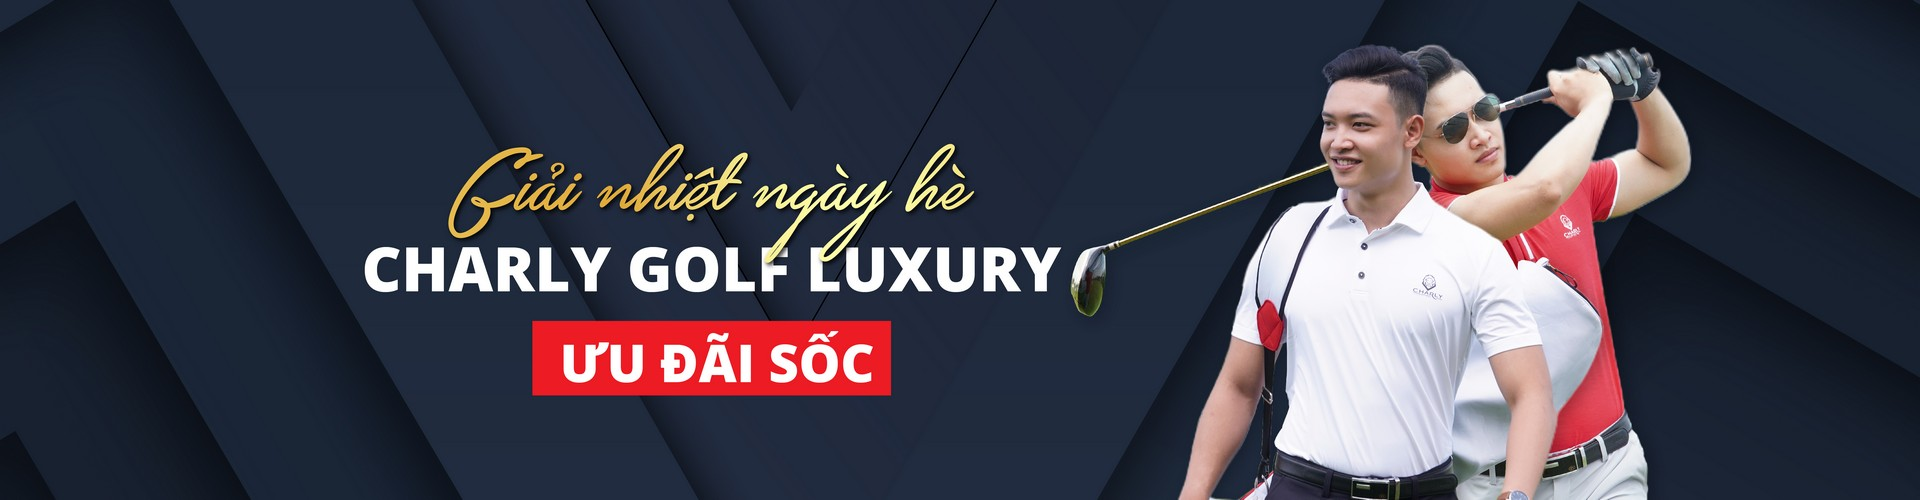 Thời Trang Golf Charly